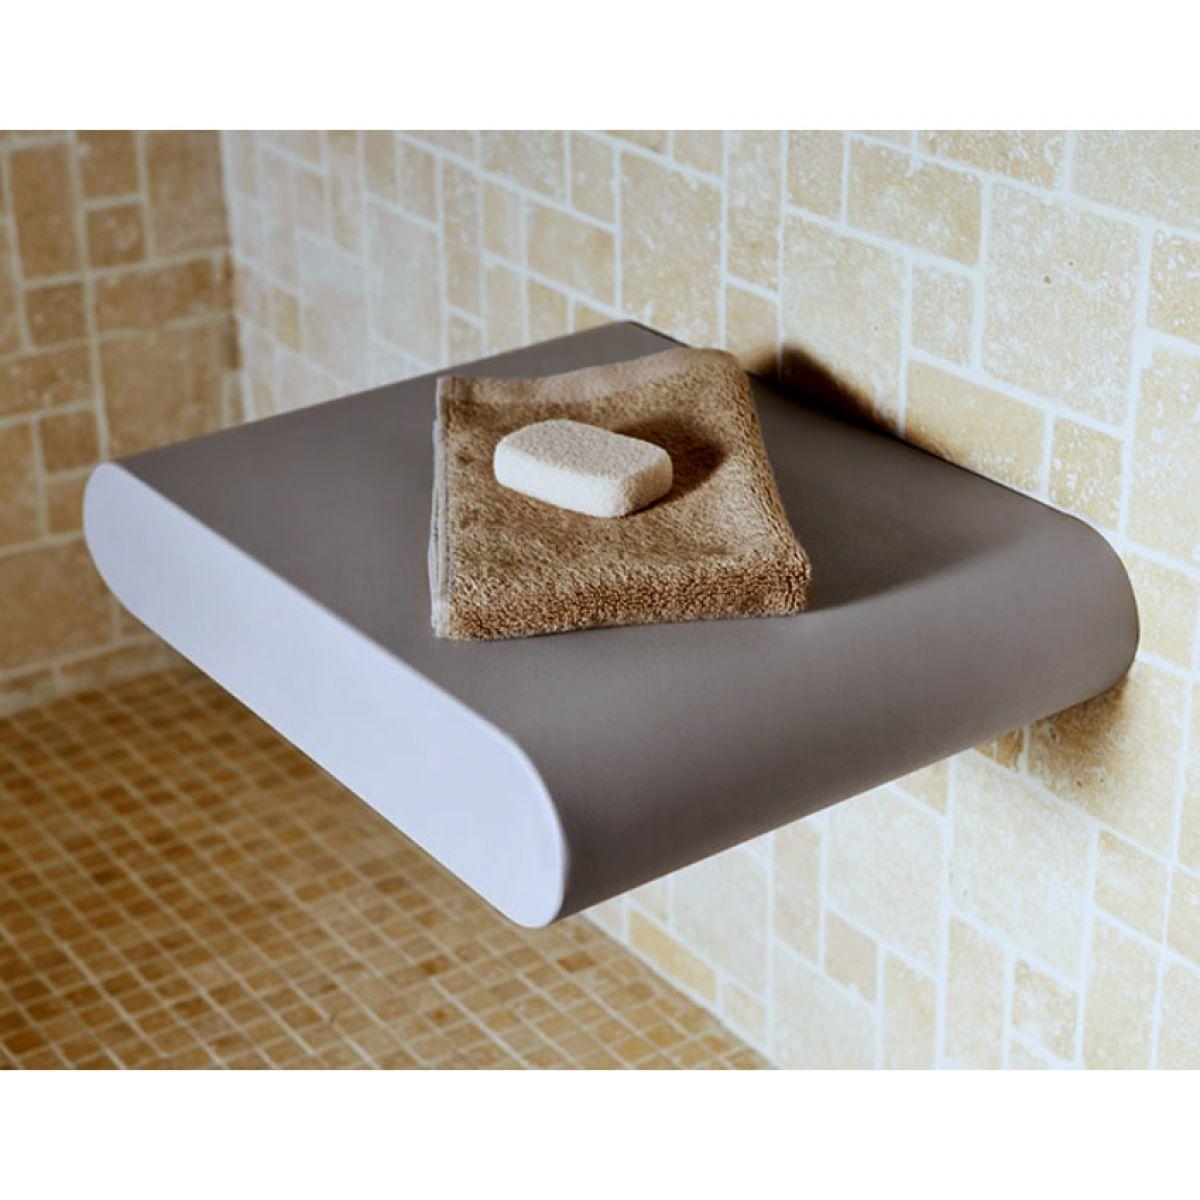 Keuco Universal Shower Seat